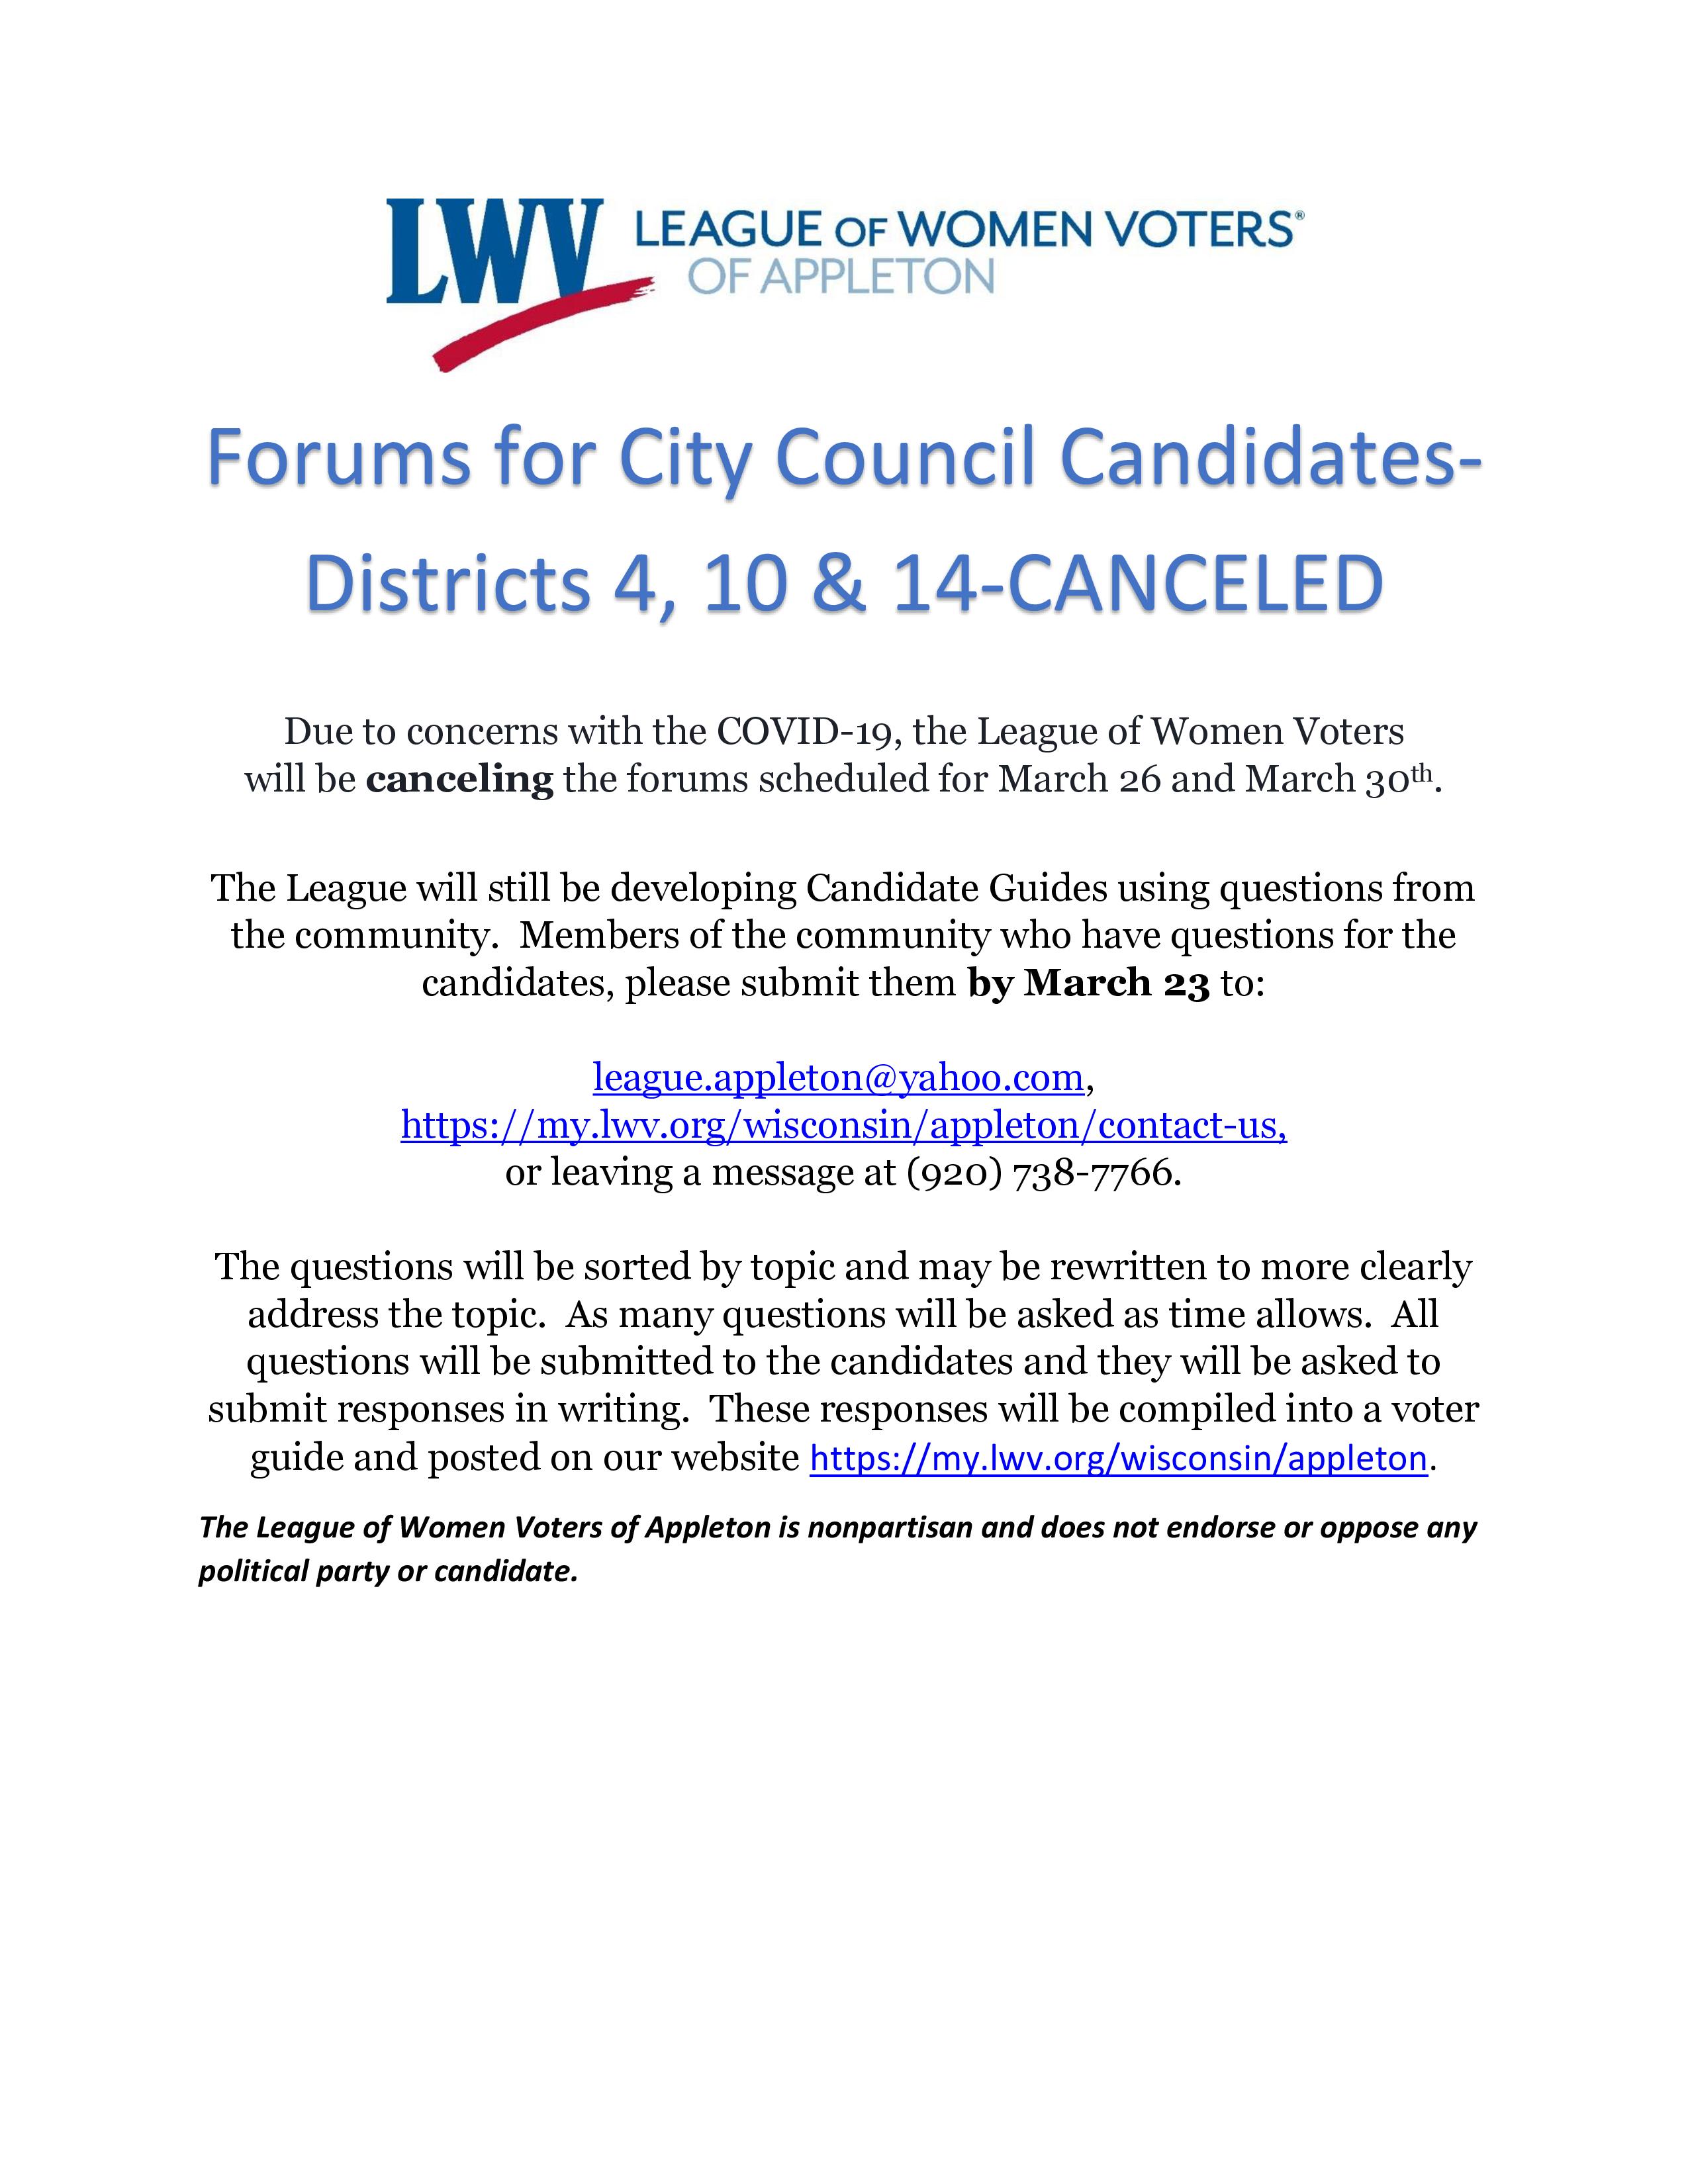 City Council Forums